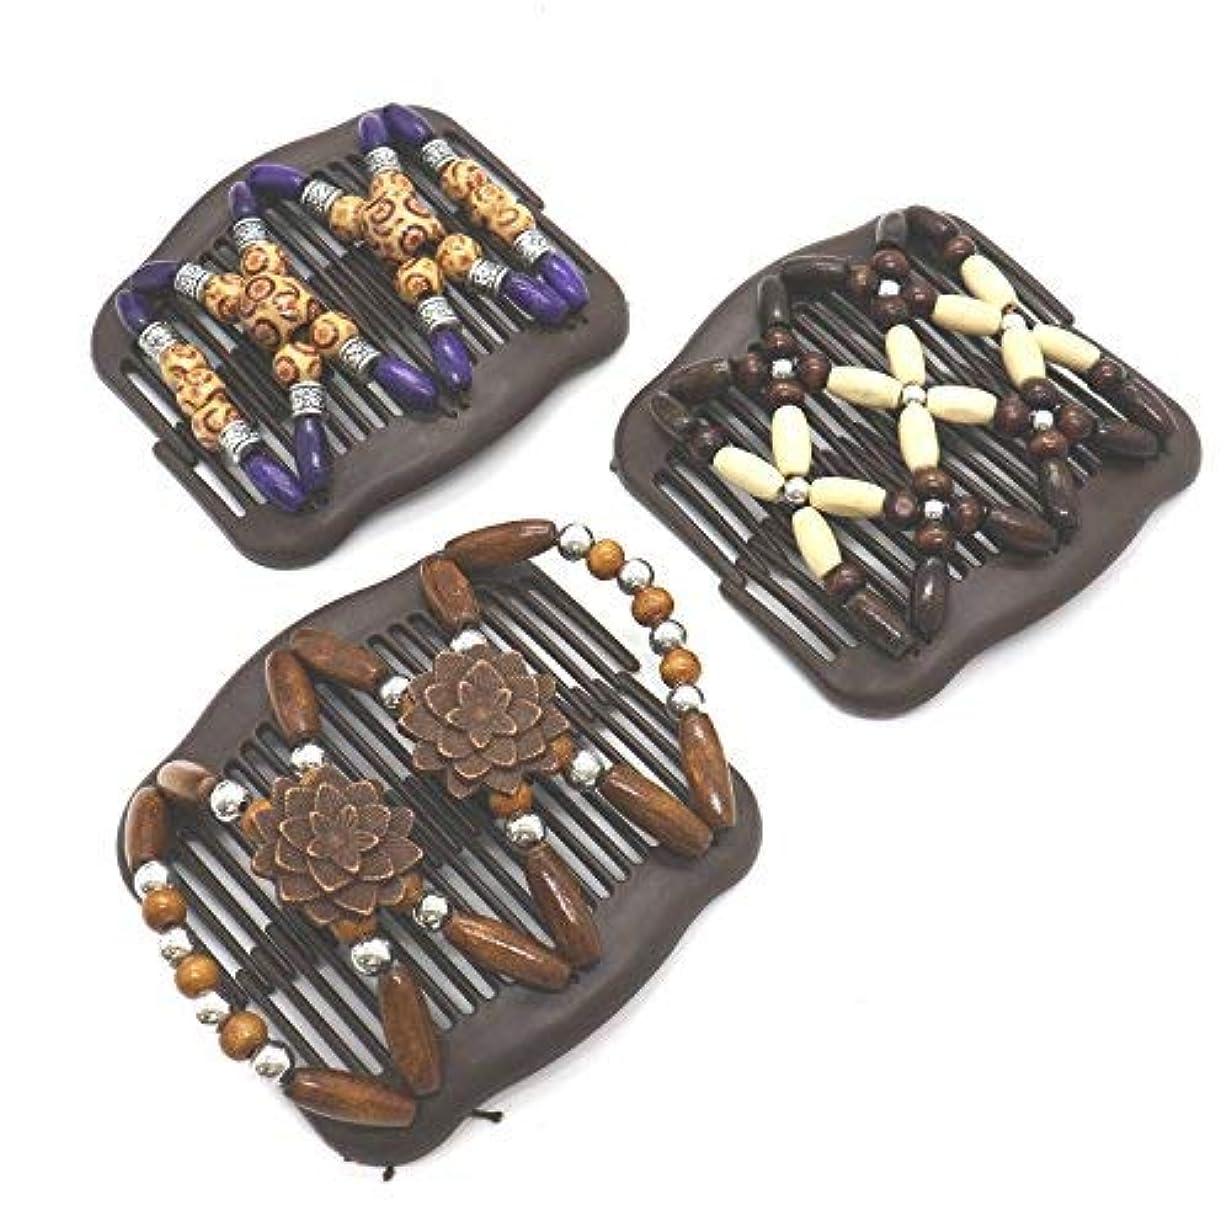 獲物施設方向Buorsa 3Pcs Magic Combs Wood Beaded Stretch Double Side Combs Clips Bun Maker Hair Accessories for Wowen Girls...